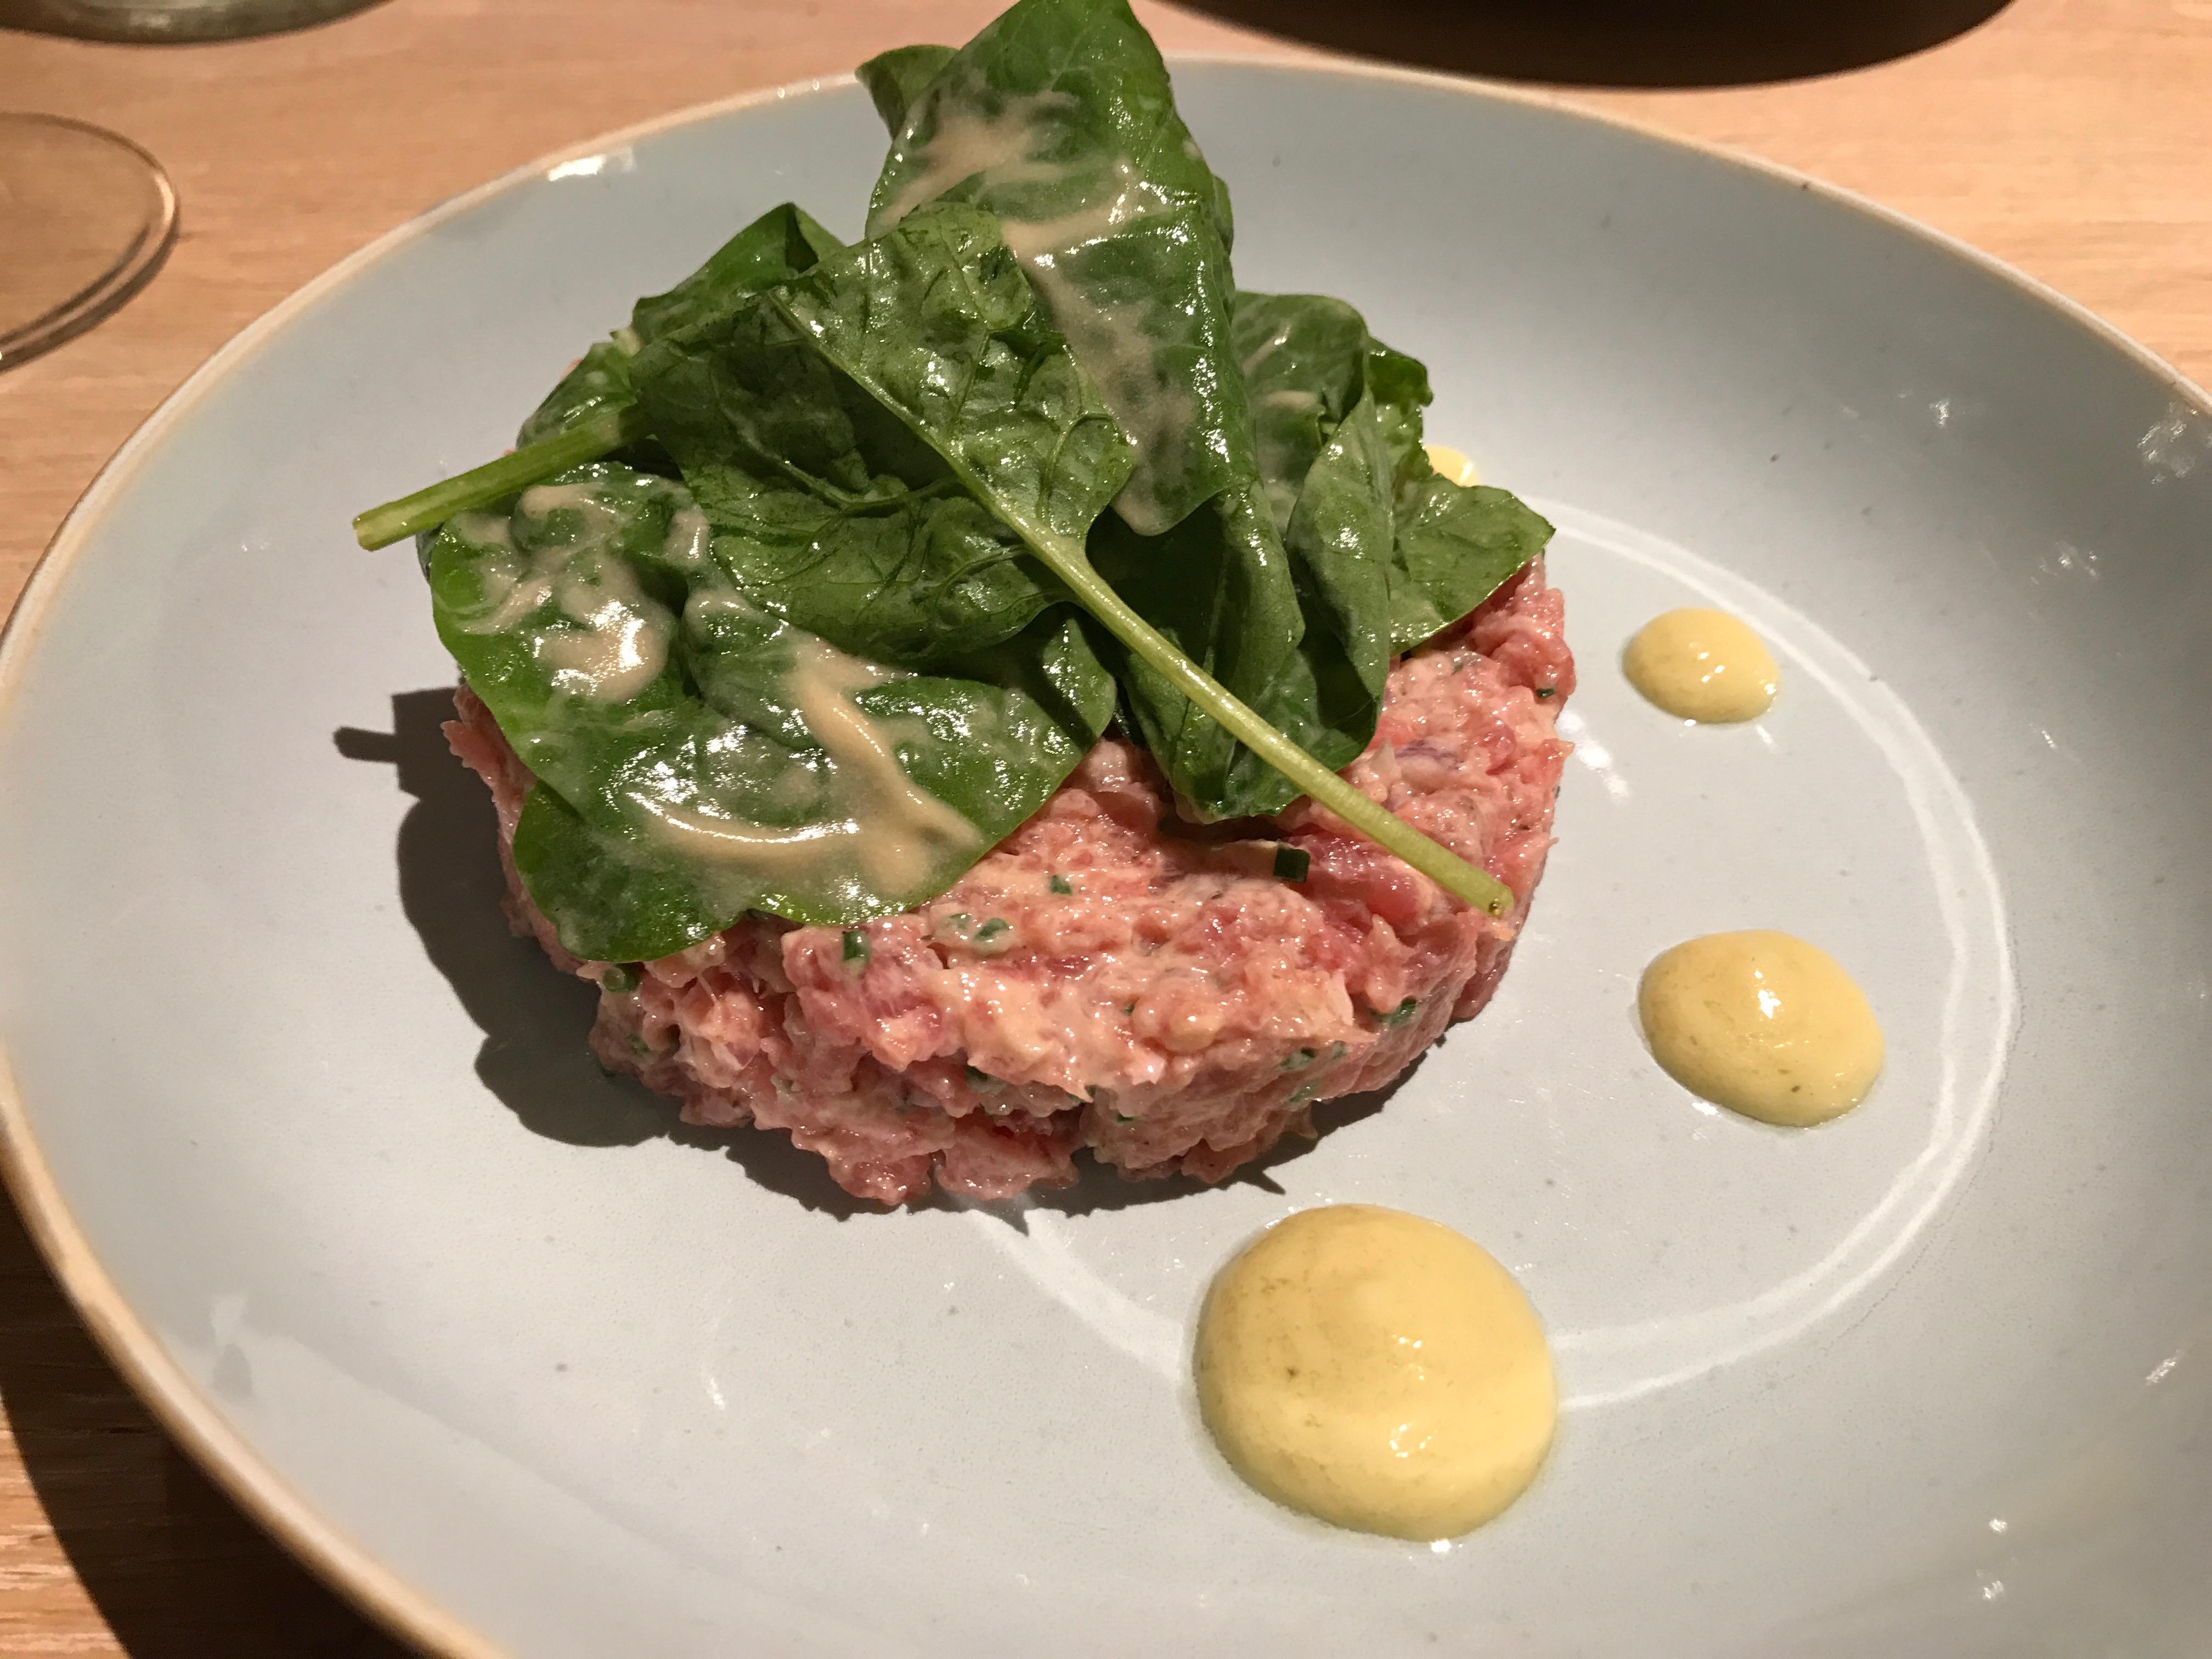 Veal tartare at Le Villaret restaurant in Paris